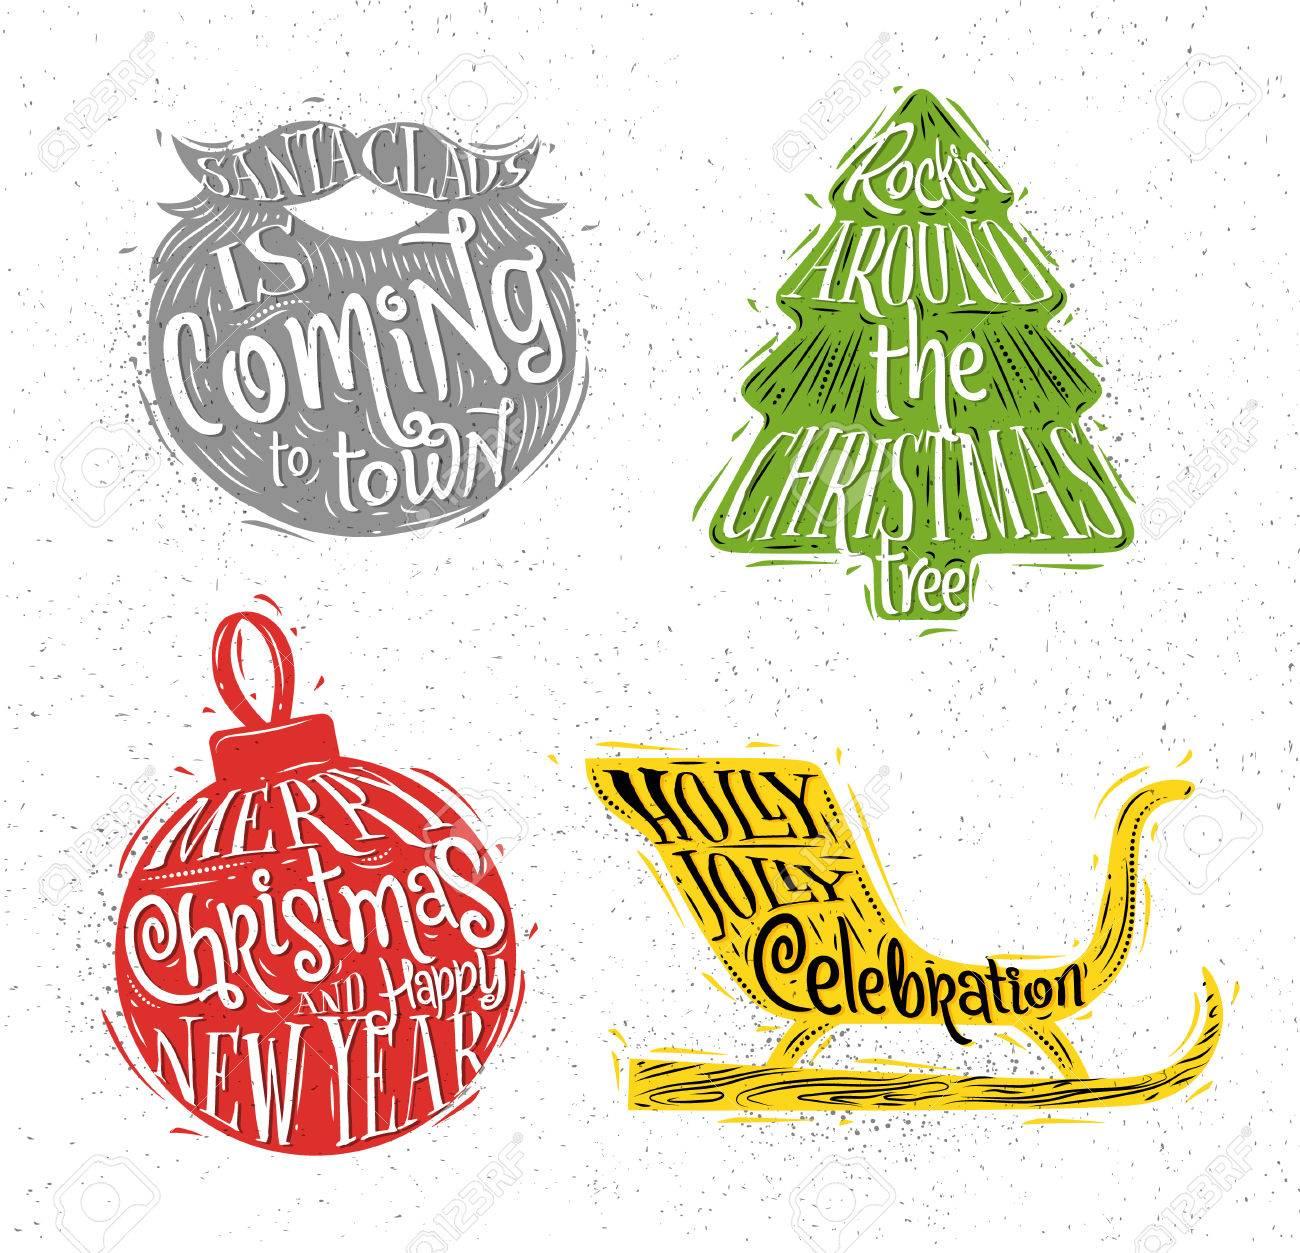 Rockin Around Christmas Tree.Christmas Vintage Silhouettes Santa S Beard Christmas Tree